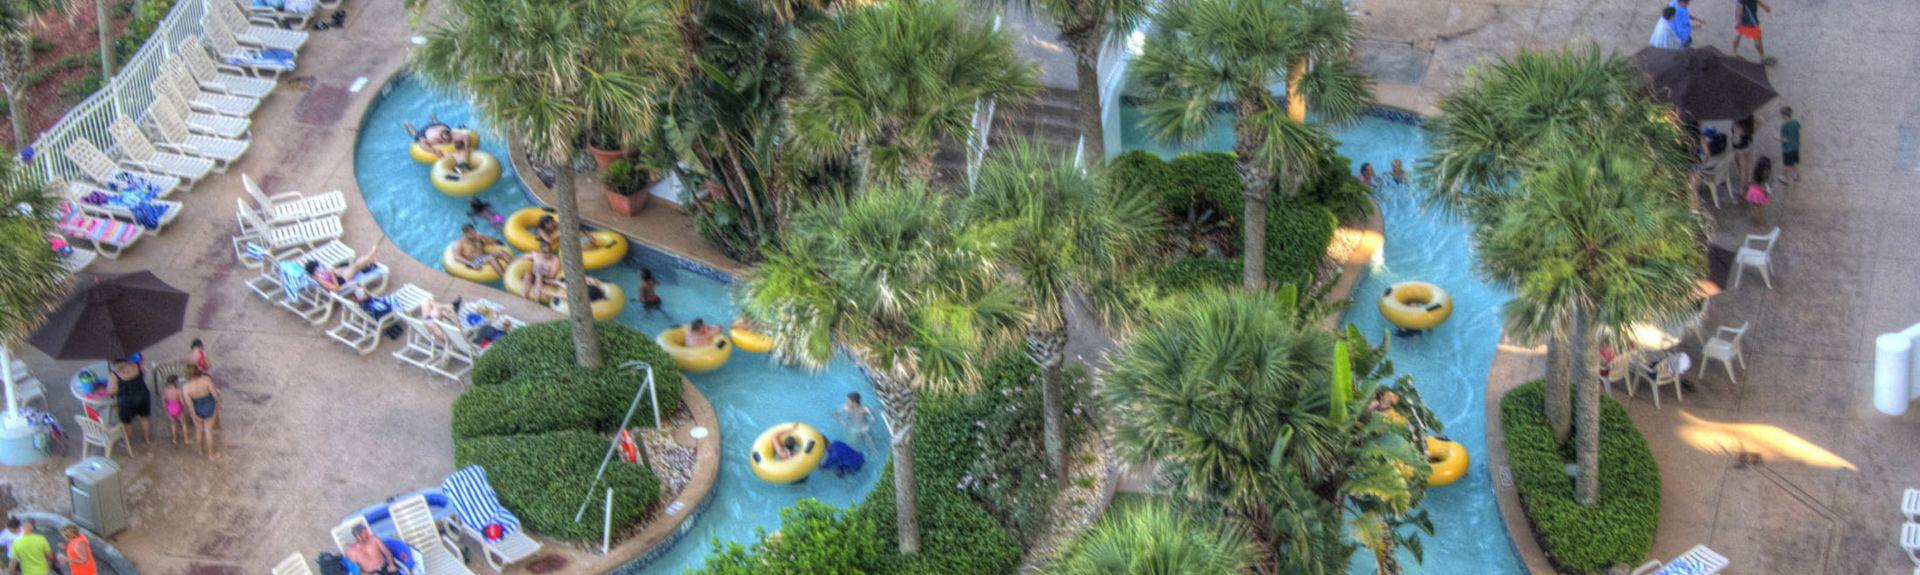 Brush / Stewarts, Daytona Beach Shores, Florida, Vereinigte Staaten